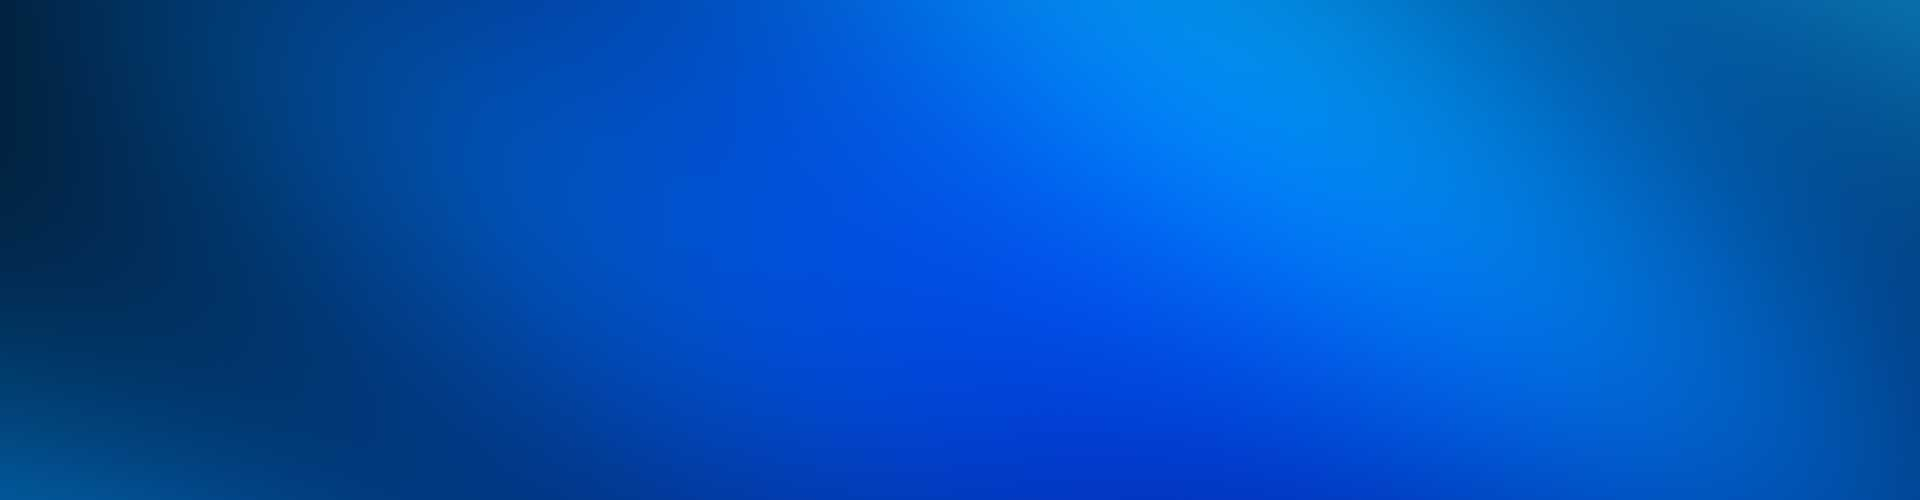 blue-bg-1